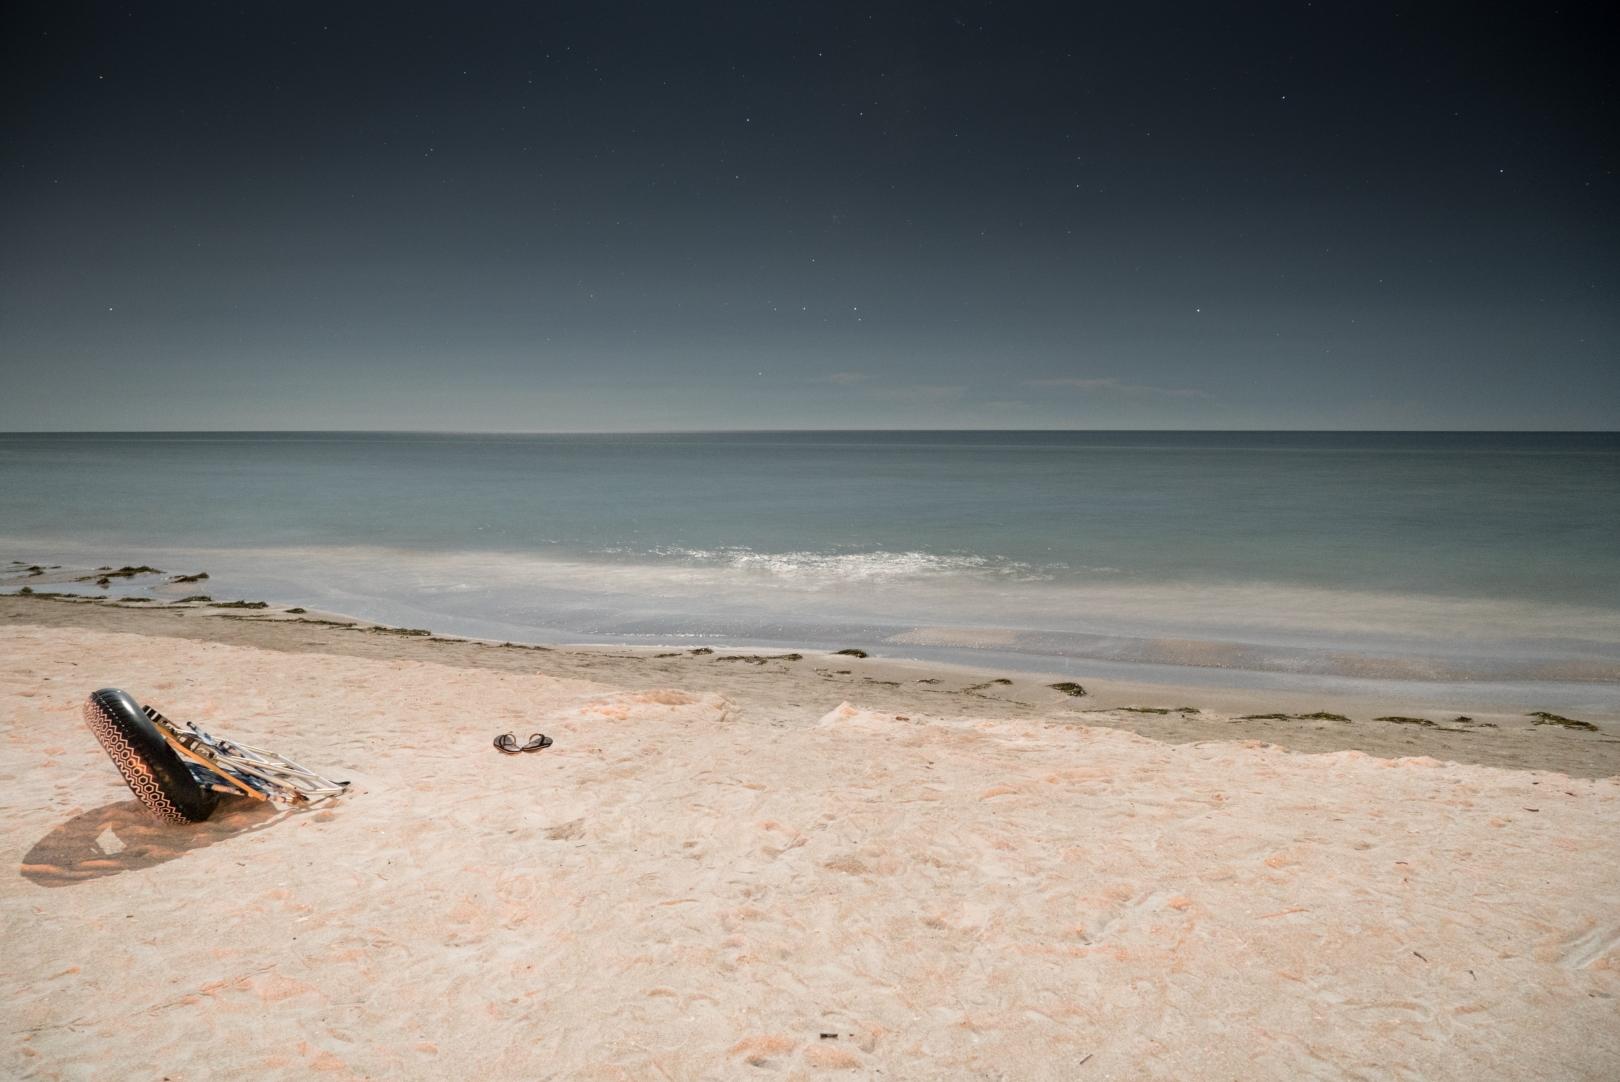 10.0 sec at f - 4.0 ISO 6400, Sony FE 23-70 f/4.  Beach under moonlight.